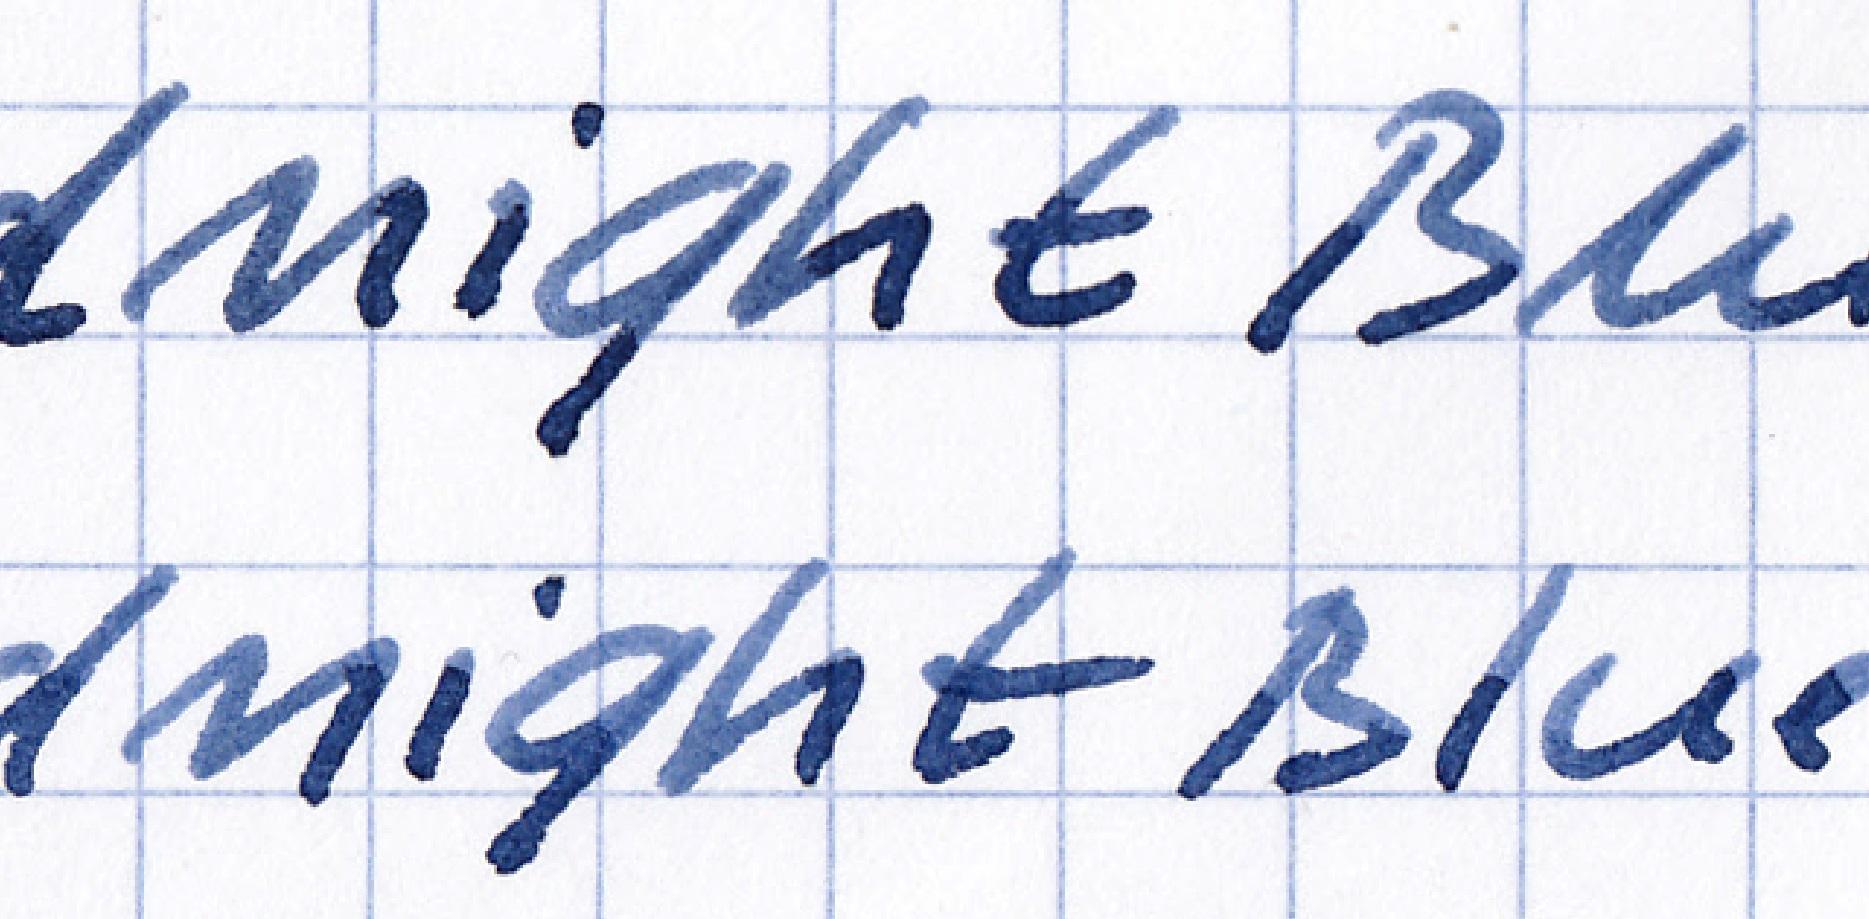 fpn_1458982022__midnightblue_papierplume